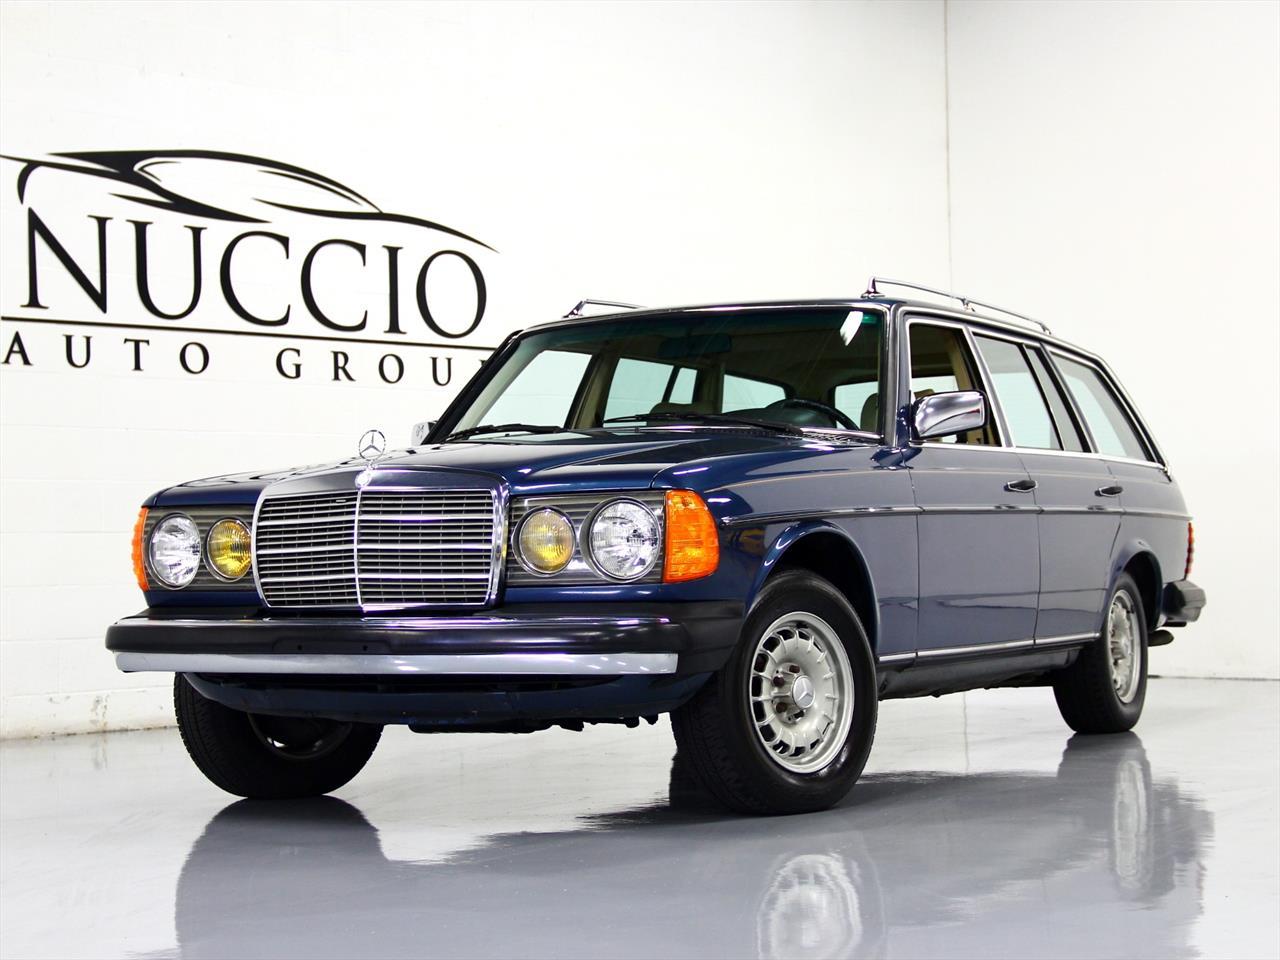 1983 mercedes benz 300td turbo diesel station wagon. Black Bedroom Furniture Sets. Home Design Ideas